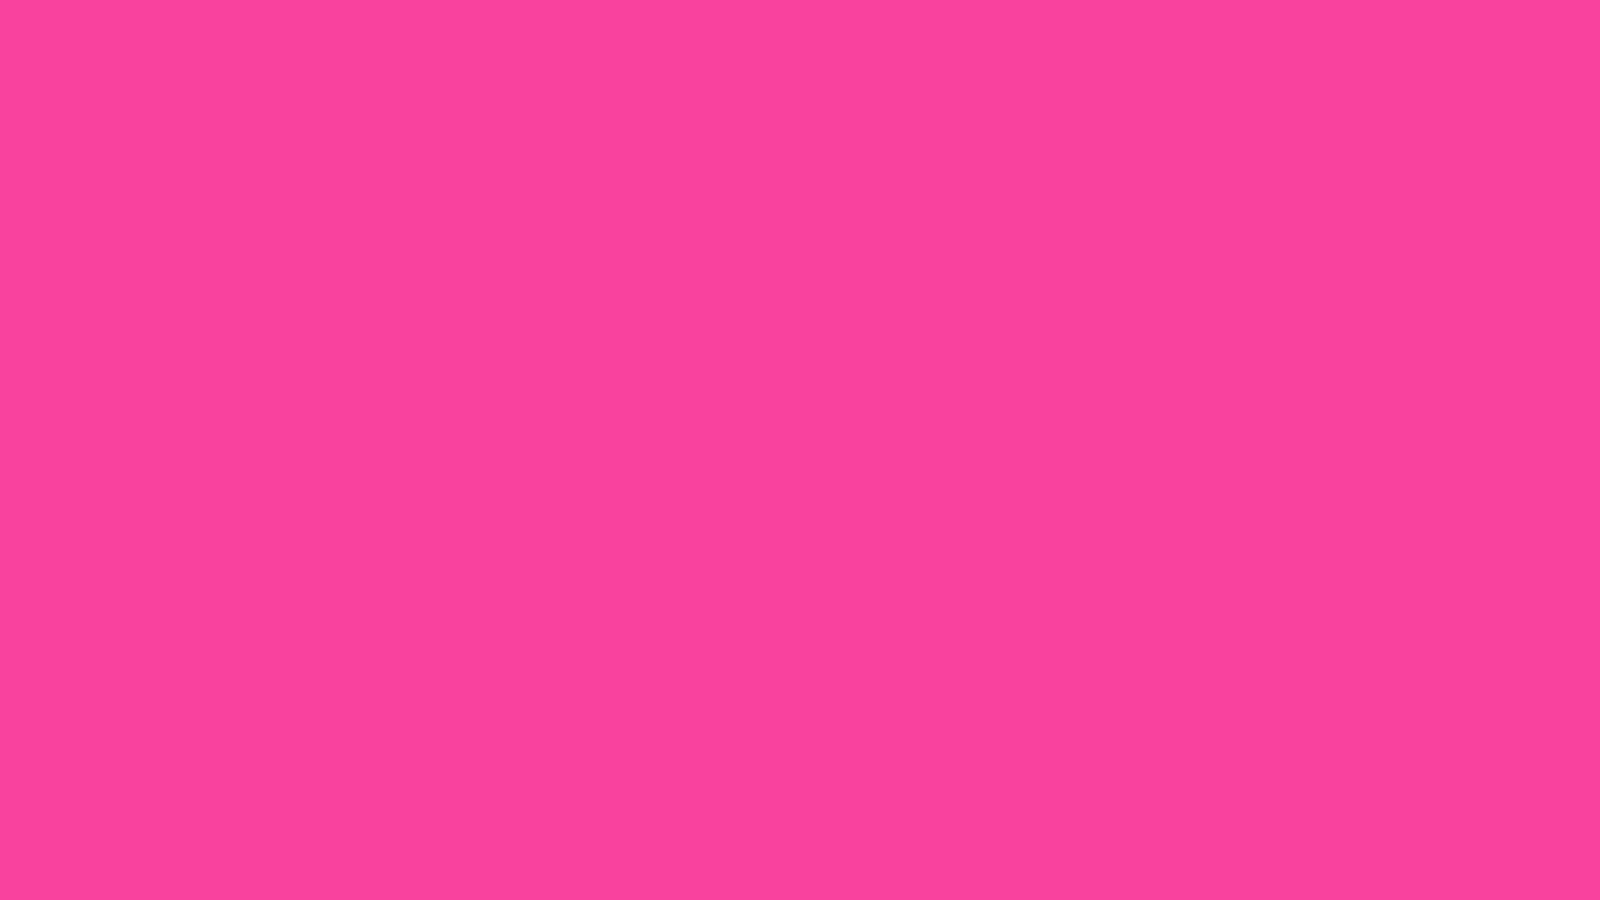 1600x900 Rose Bonbon Solid Color Background